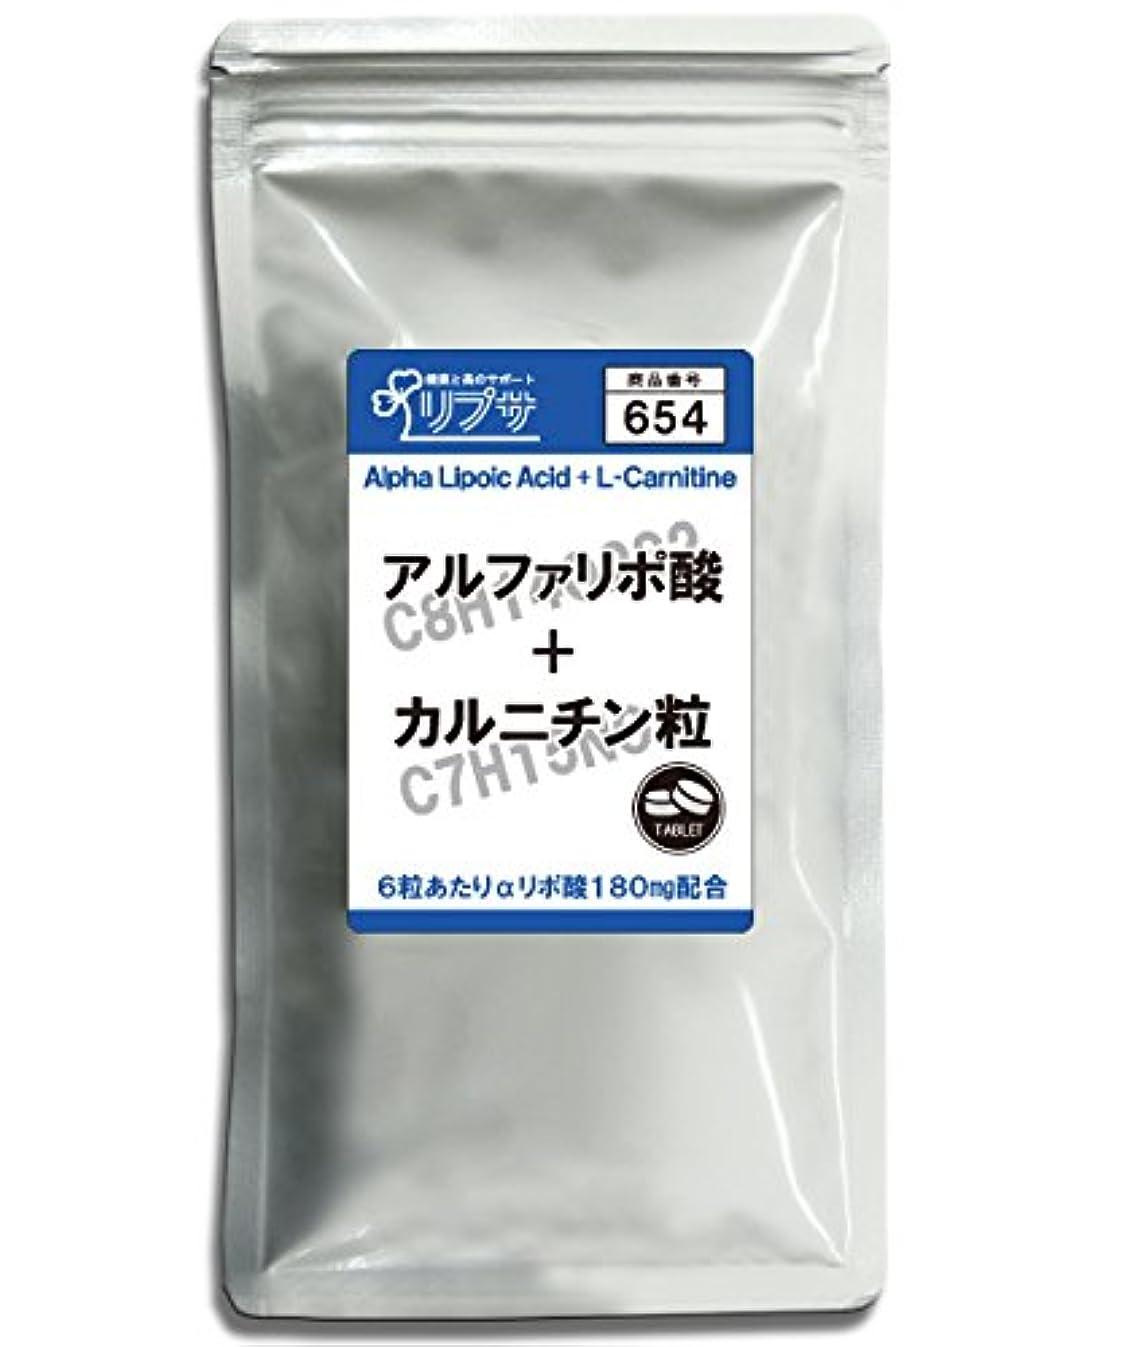 閃光数字タンクアルファリポ酸+カルニチン粒 約3か月分 T-654